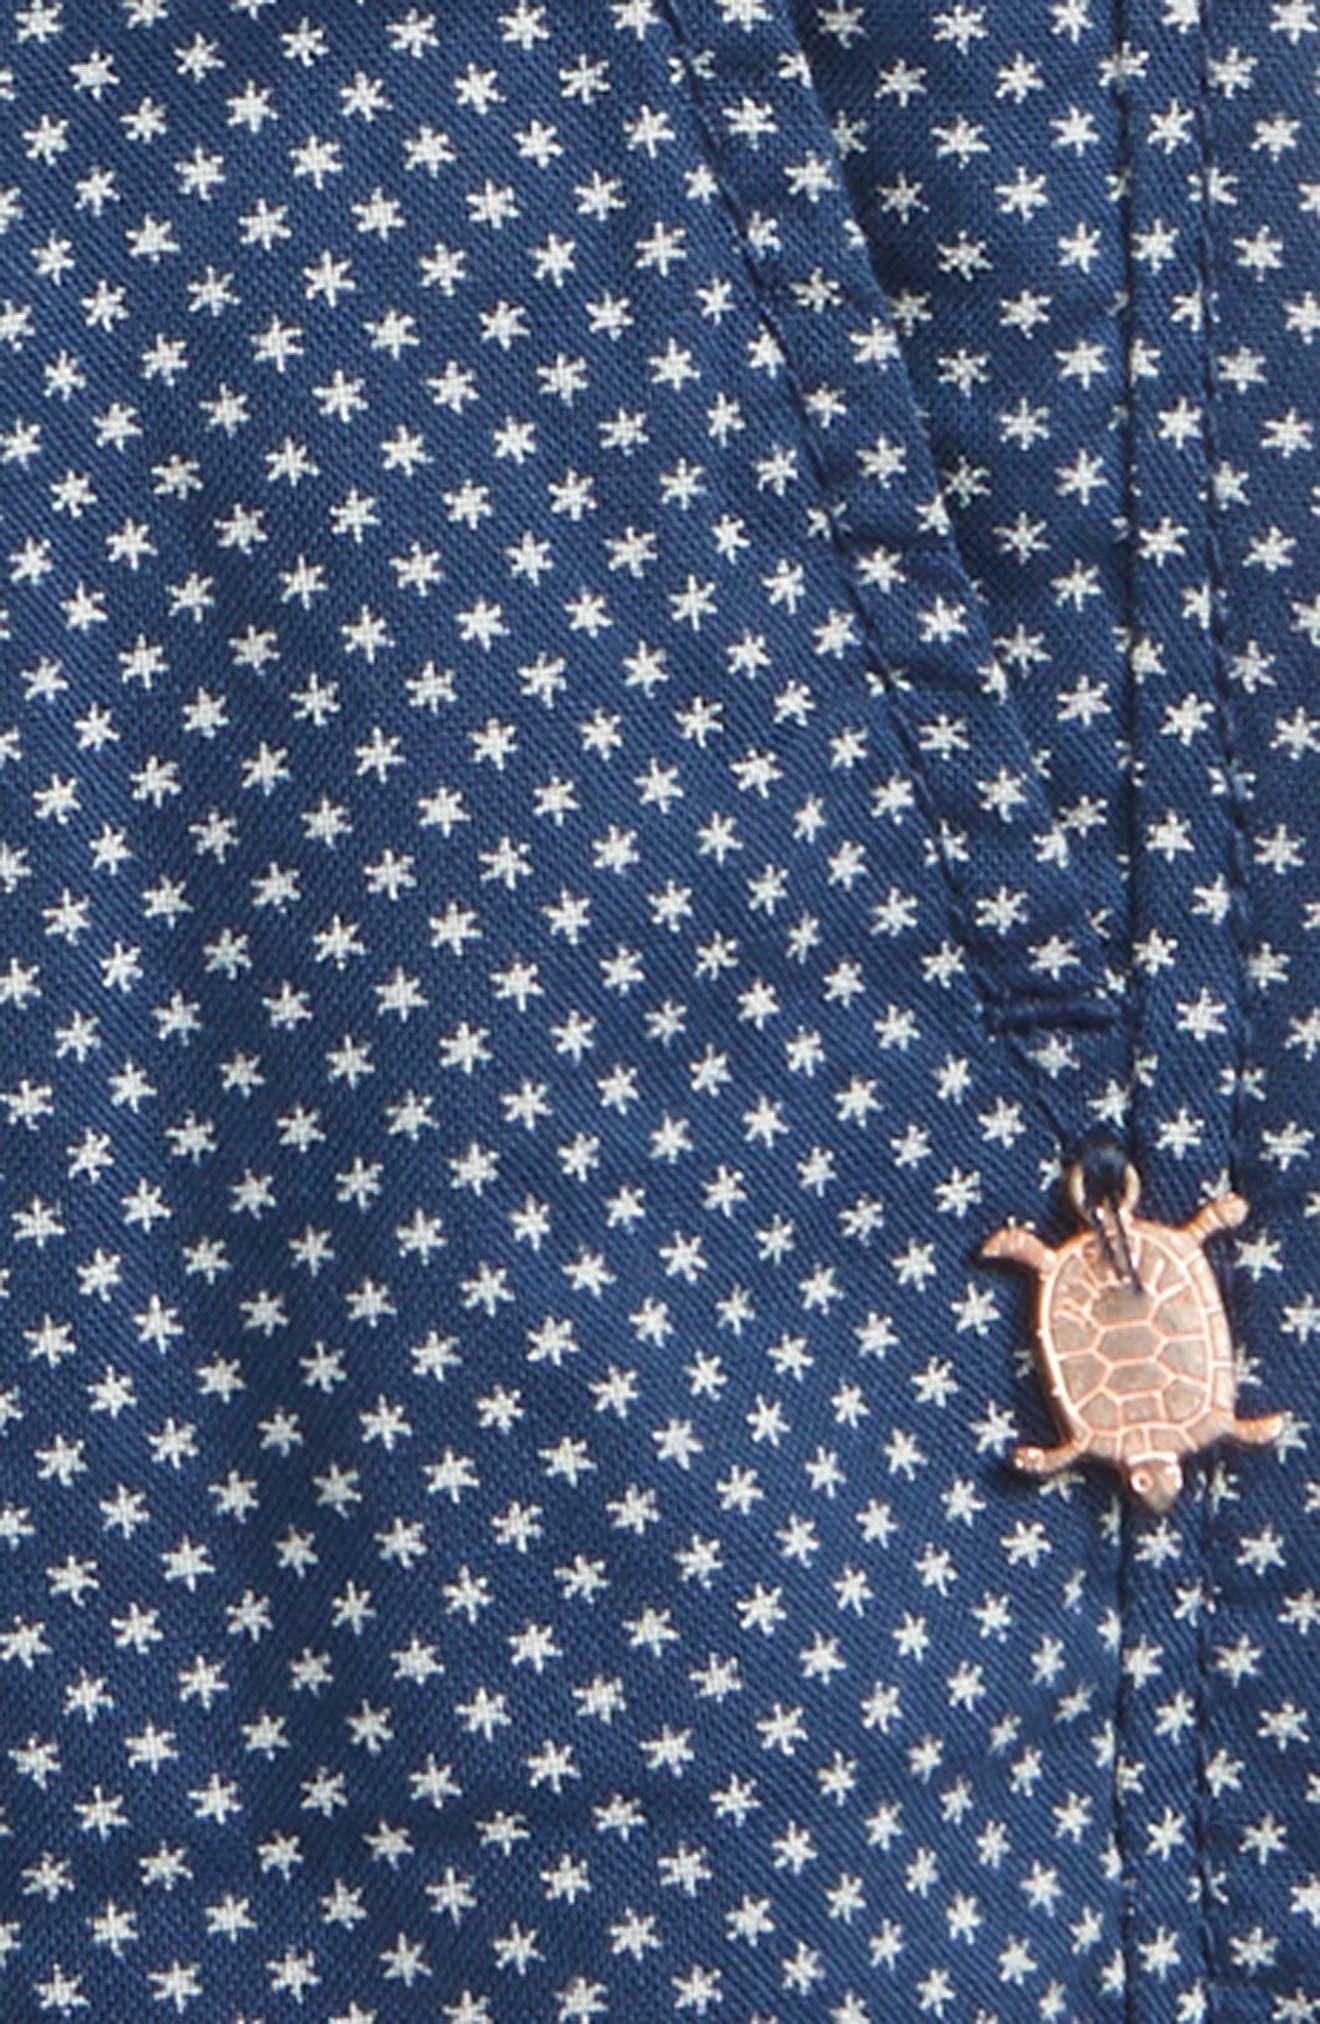 Scotch R'Belle Star Cotton Shorts,                             Alternate thumbnail 2, color,                             400